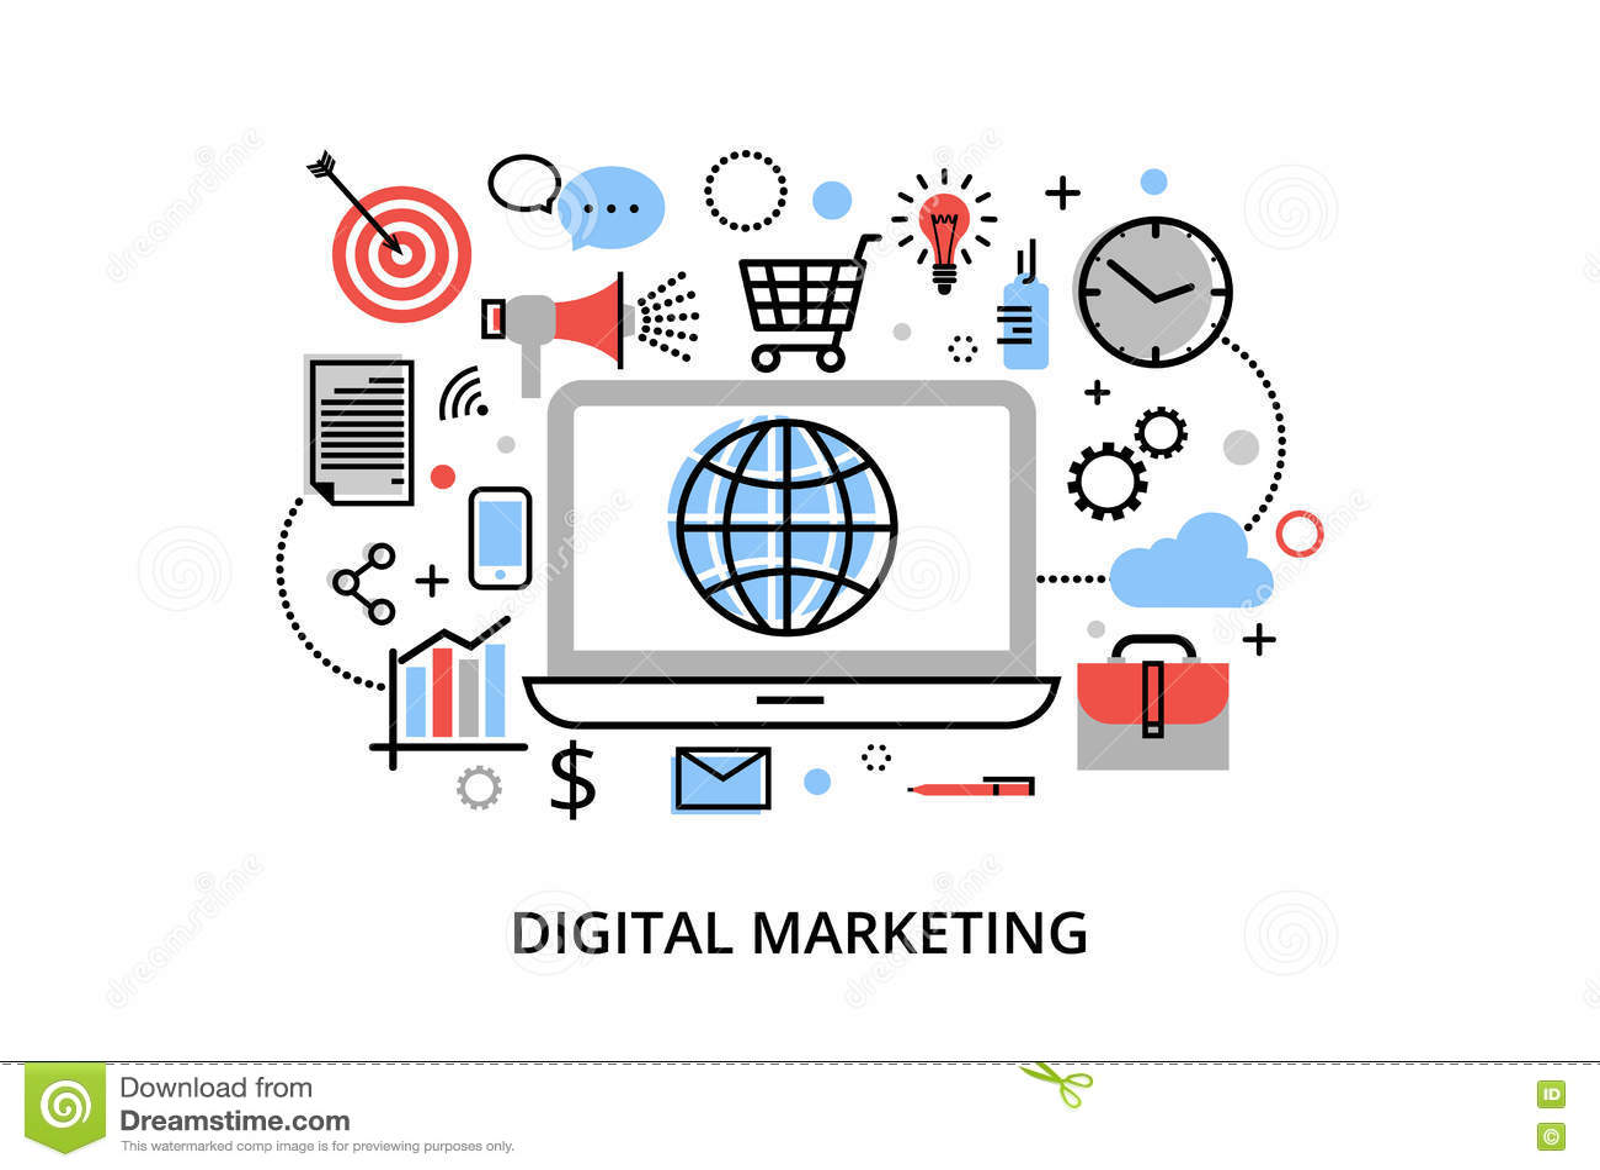 Moderne flache dünne Linie Designvektorillustration, Konzept des digitalen Marketings, Internet-Marketing-Idee und neuer Markt ne